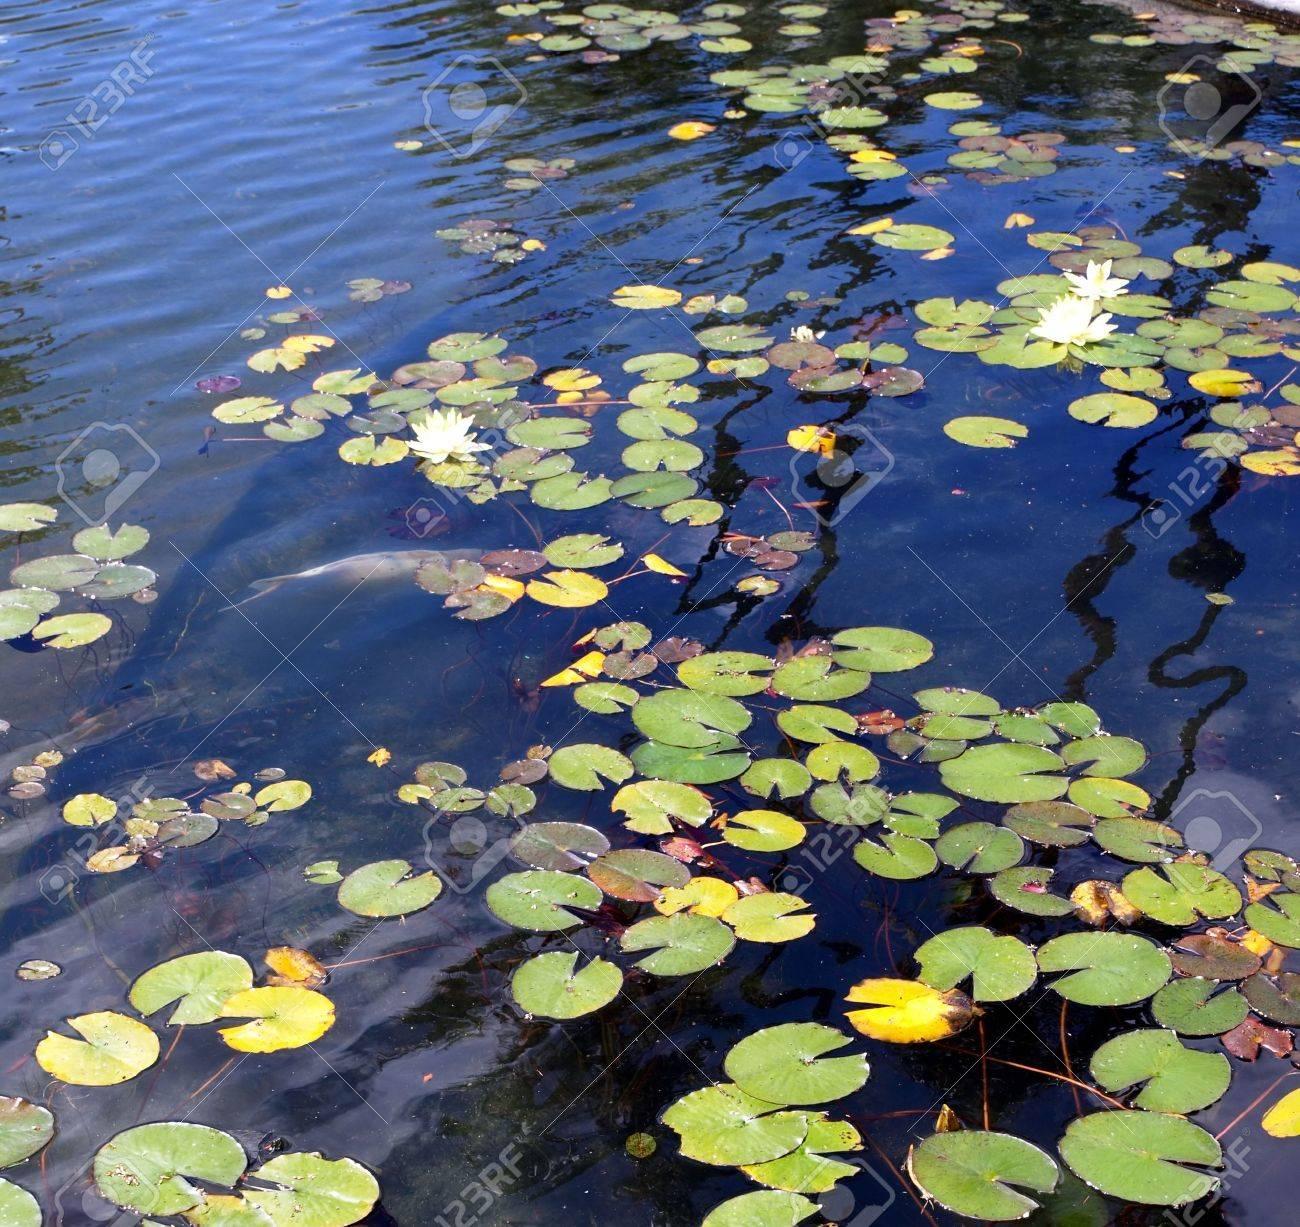 koi y el lirio de estanque con plantas acuticas y peces y la superficie ondulada foto